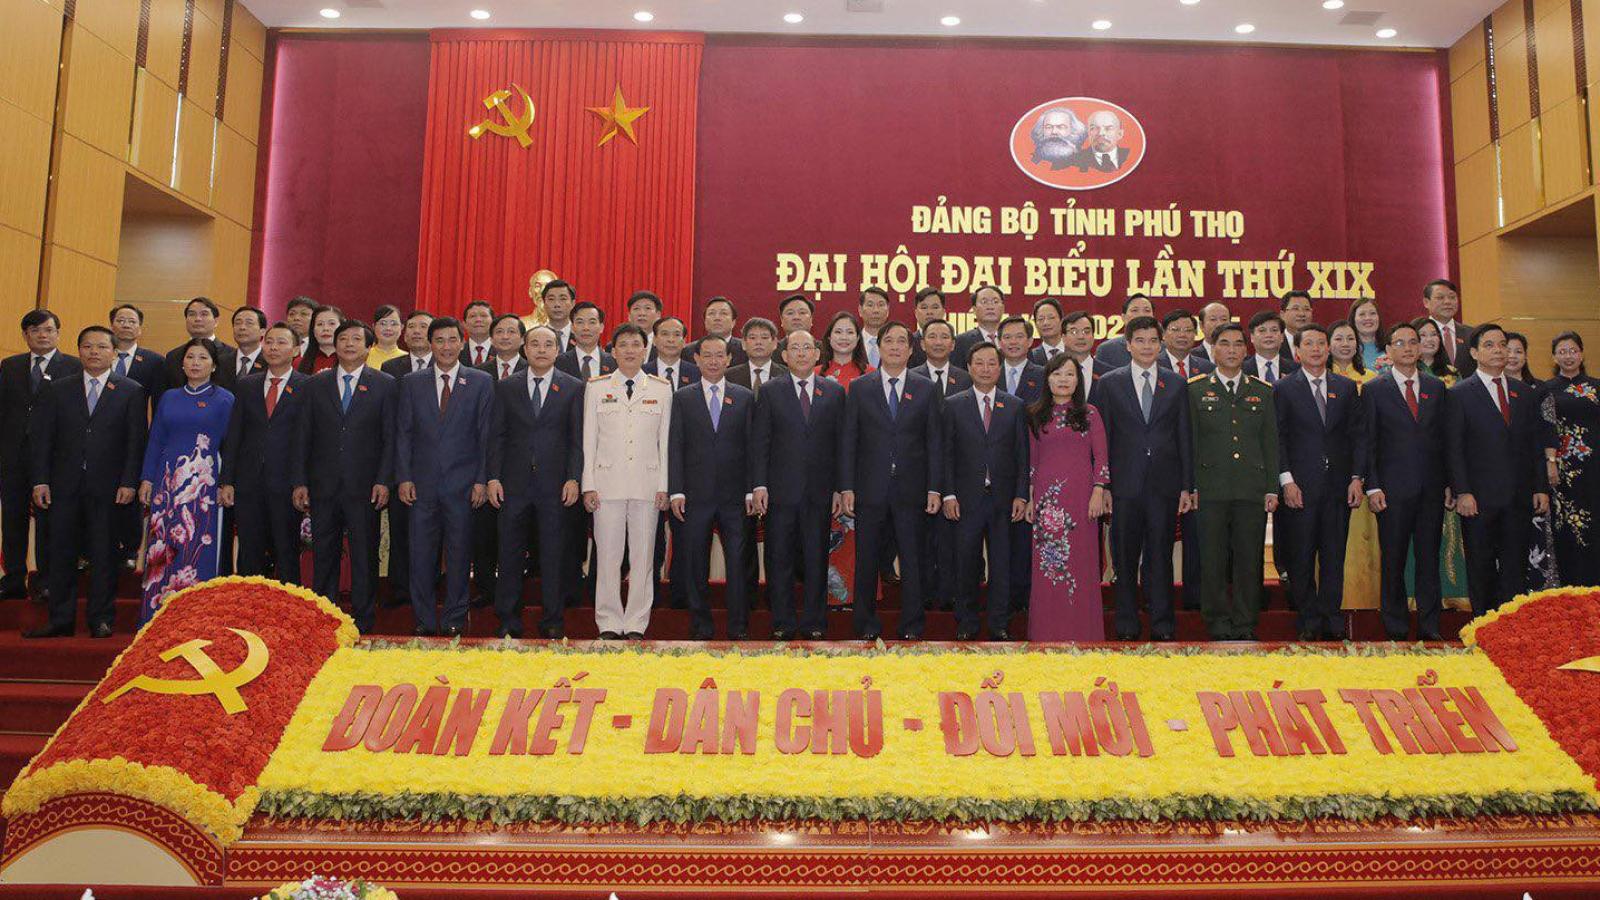 Phú Thọ chú trọng bảo tồn phát huy giá trị lịch sử văn hóa vùng Đất Tổ